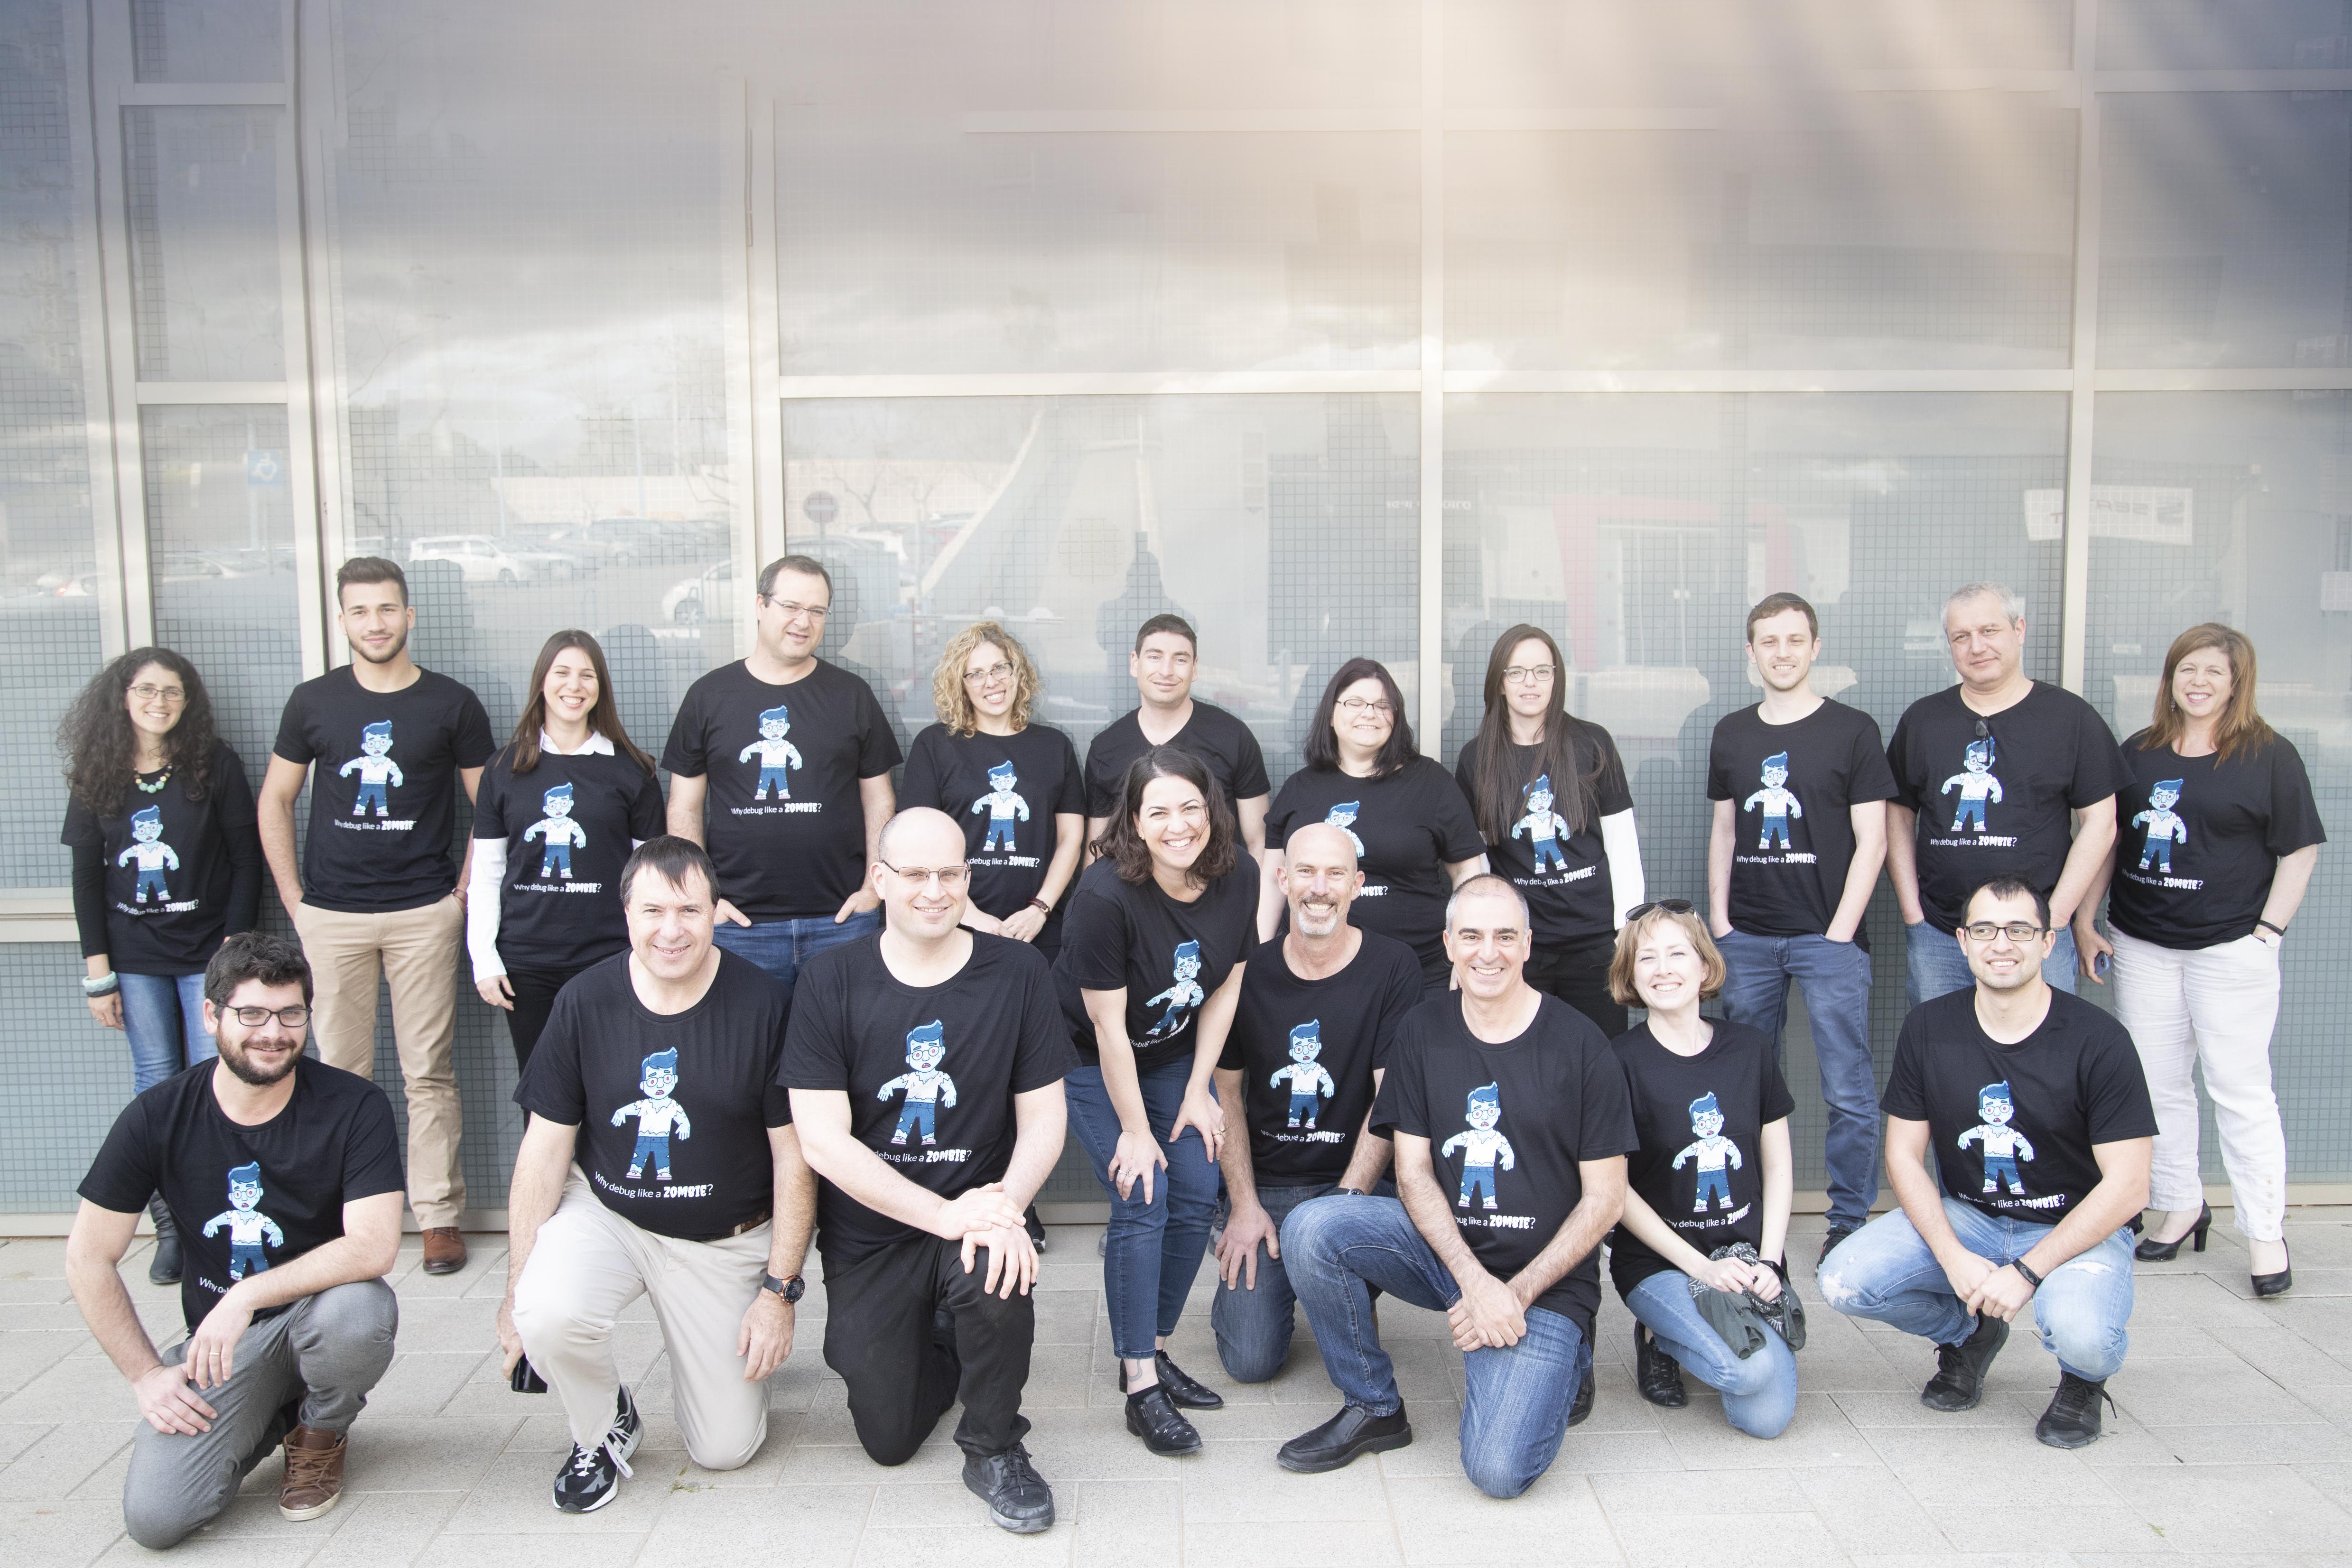 OzCode Team